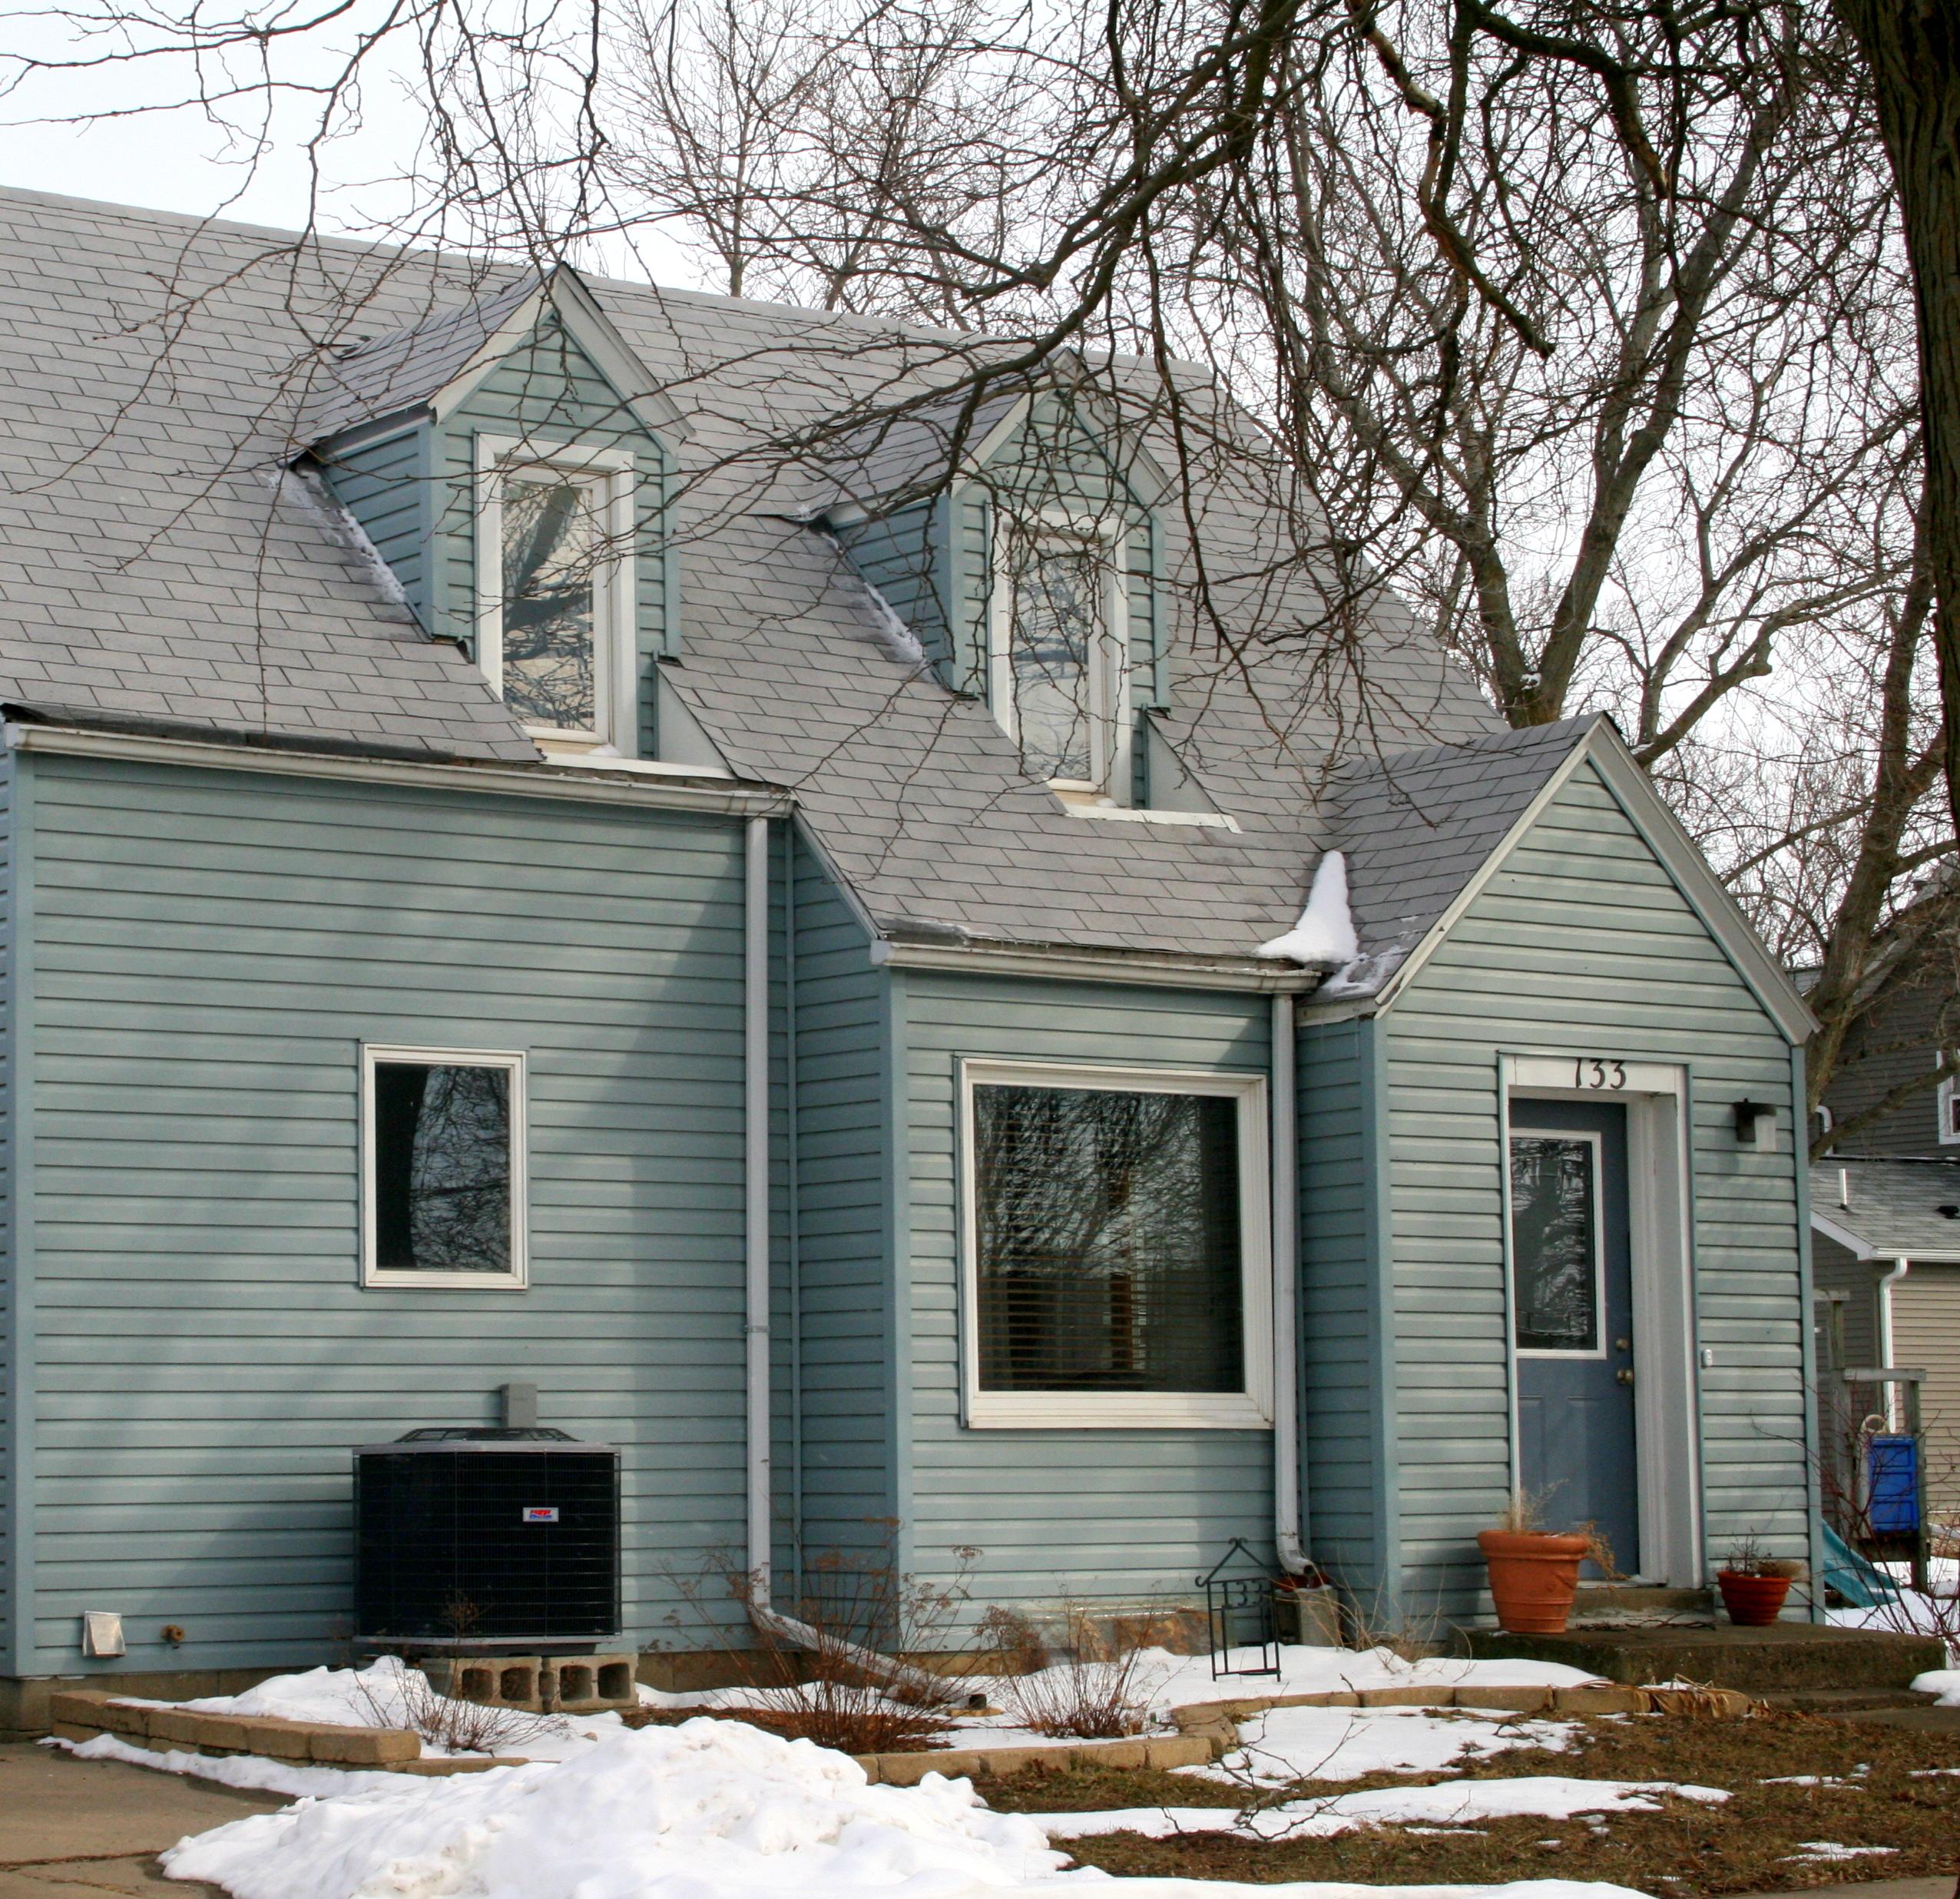 133 Benson St Alta Iowa home sold by Weaver Realtors